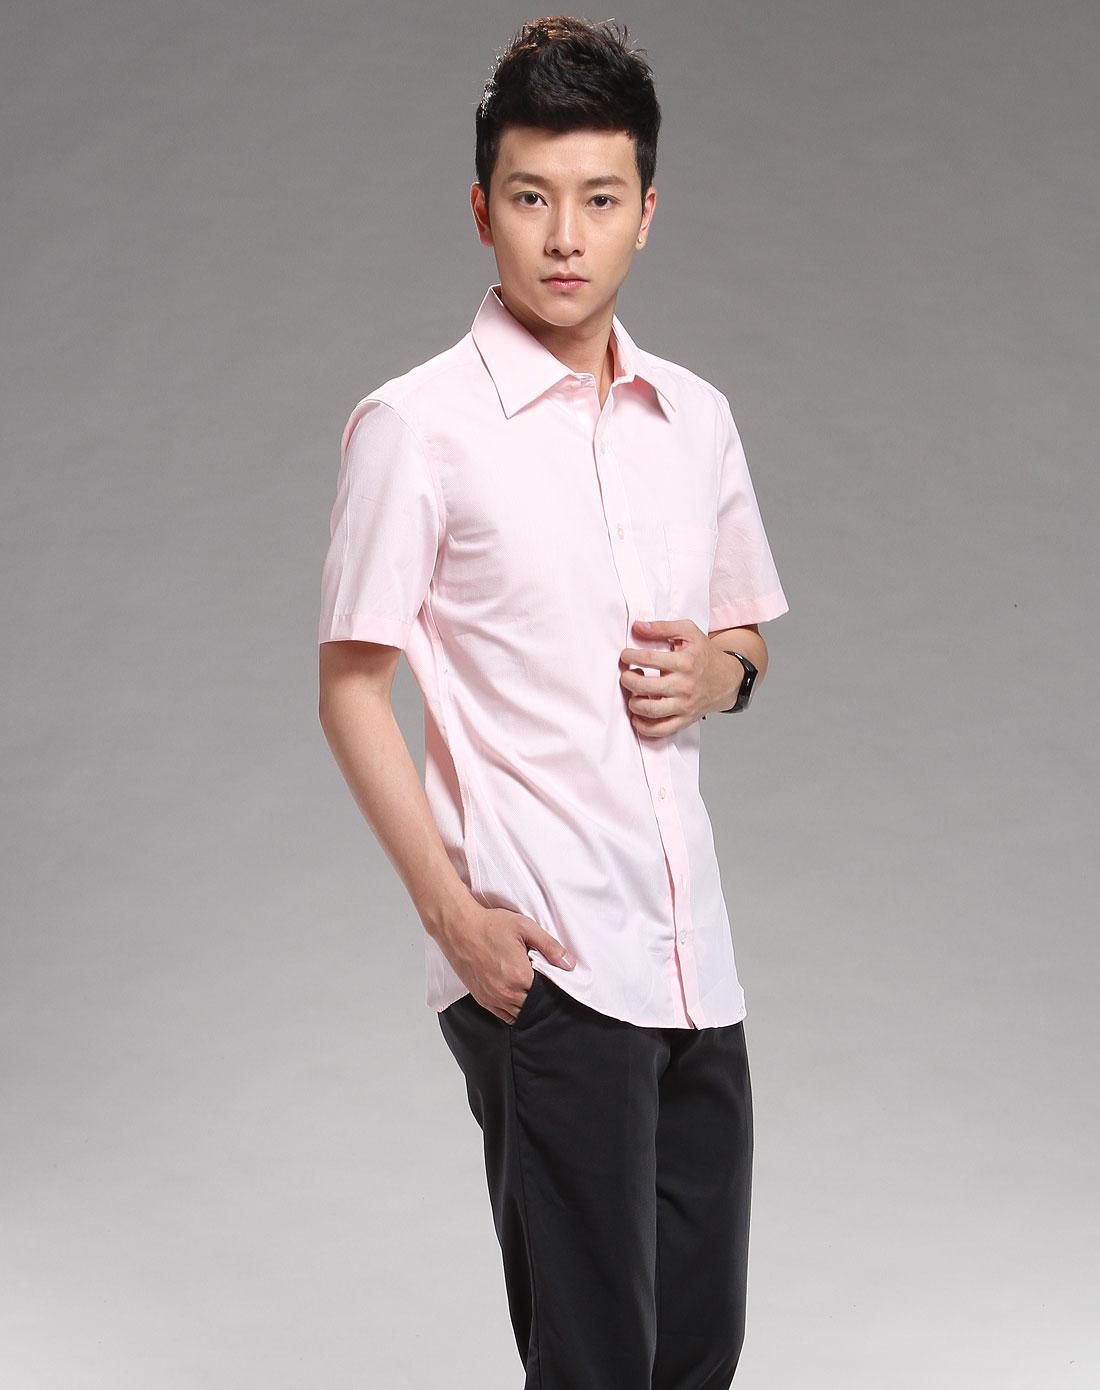 g2000粉红色休闲短袖衬衫_唯品会名牌时尚折扣网